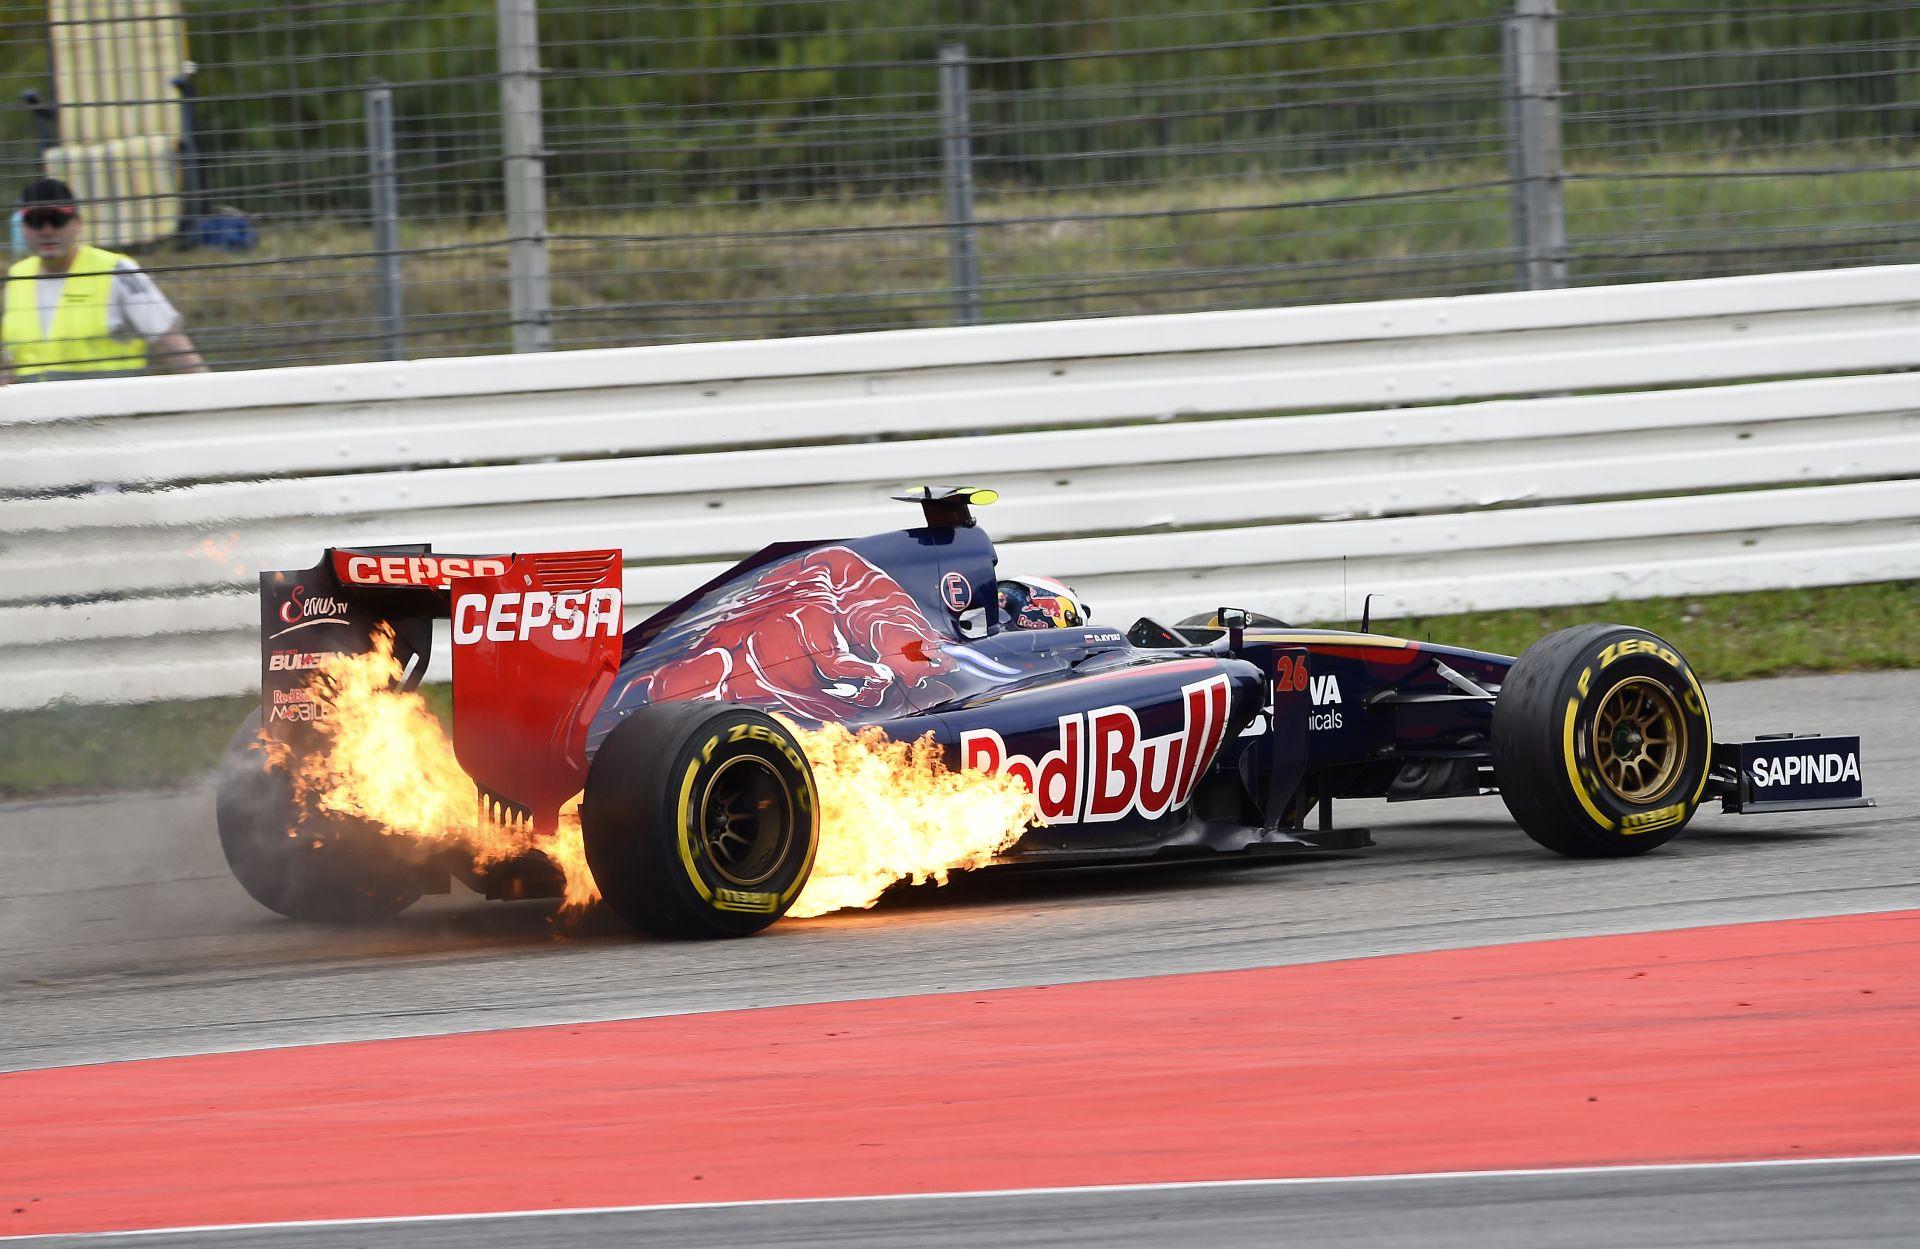 Videón Kvyat lángoló Toro Rosso versenygépe Hockenheimből